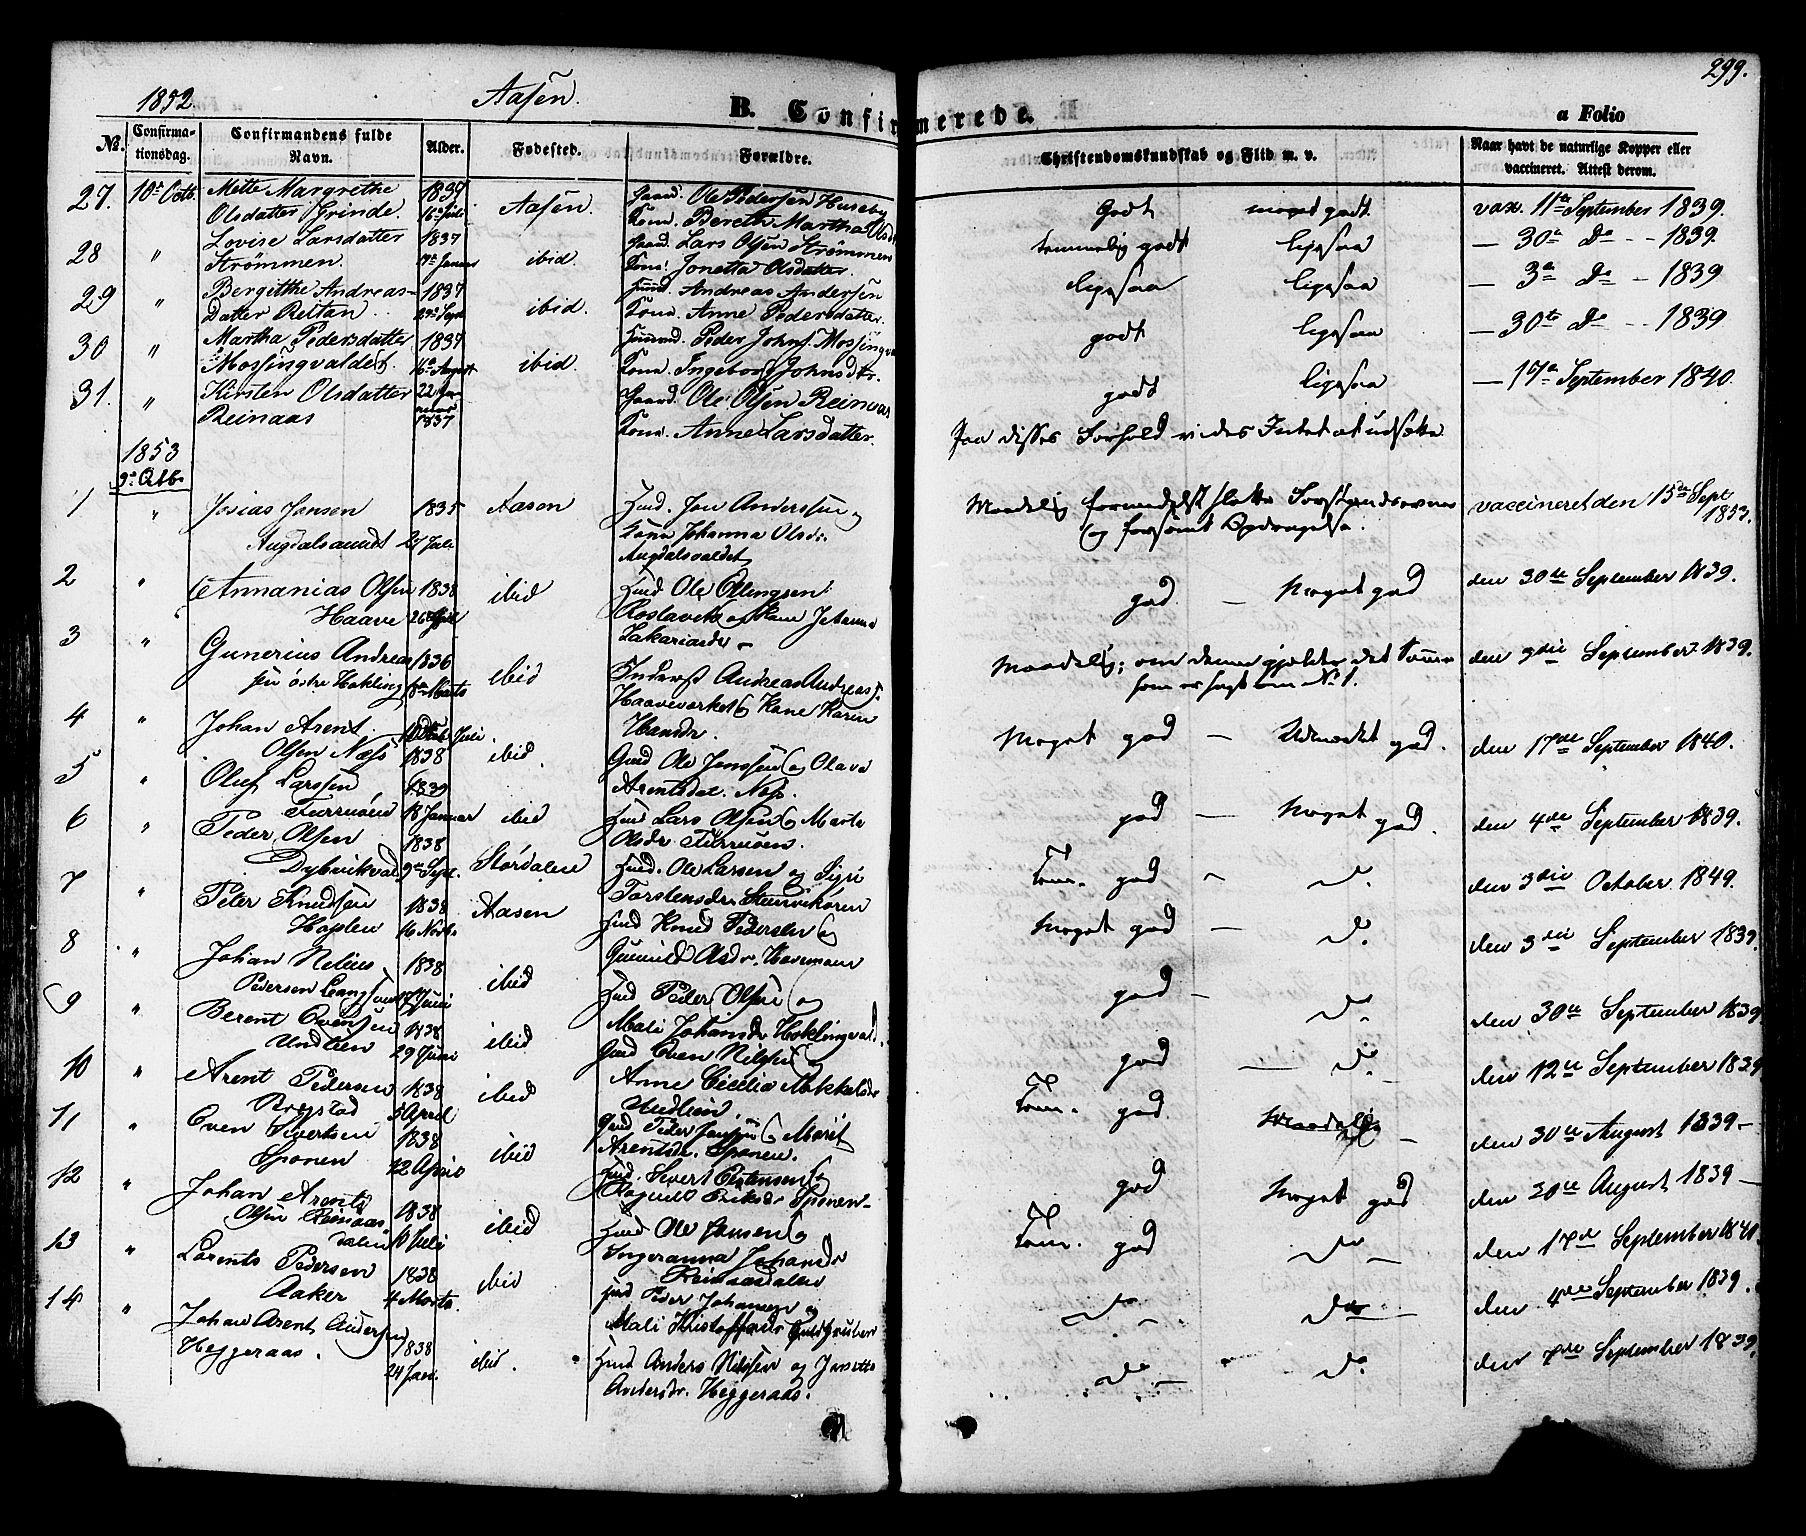 SAT, Ministerialprotokoller, klokkerbøker og fødselsregistre - Nord-Trøndelag, 713/L0116: Ministerialbok nr. 713A07 /2, 1850-1877, s. 299